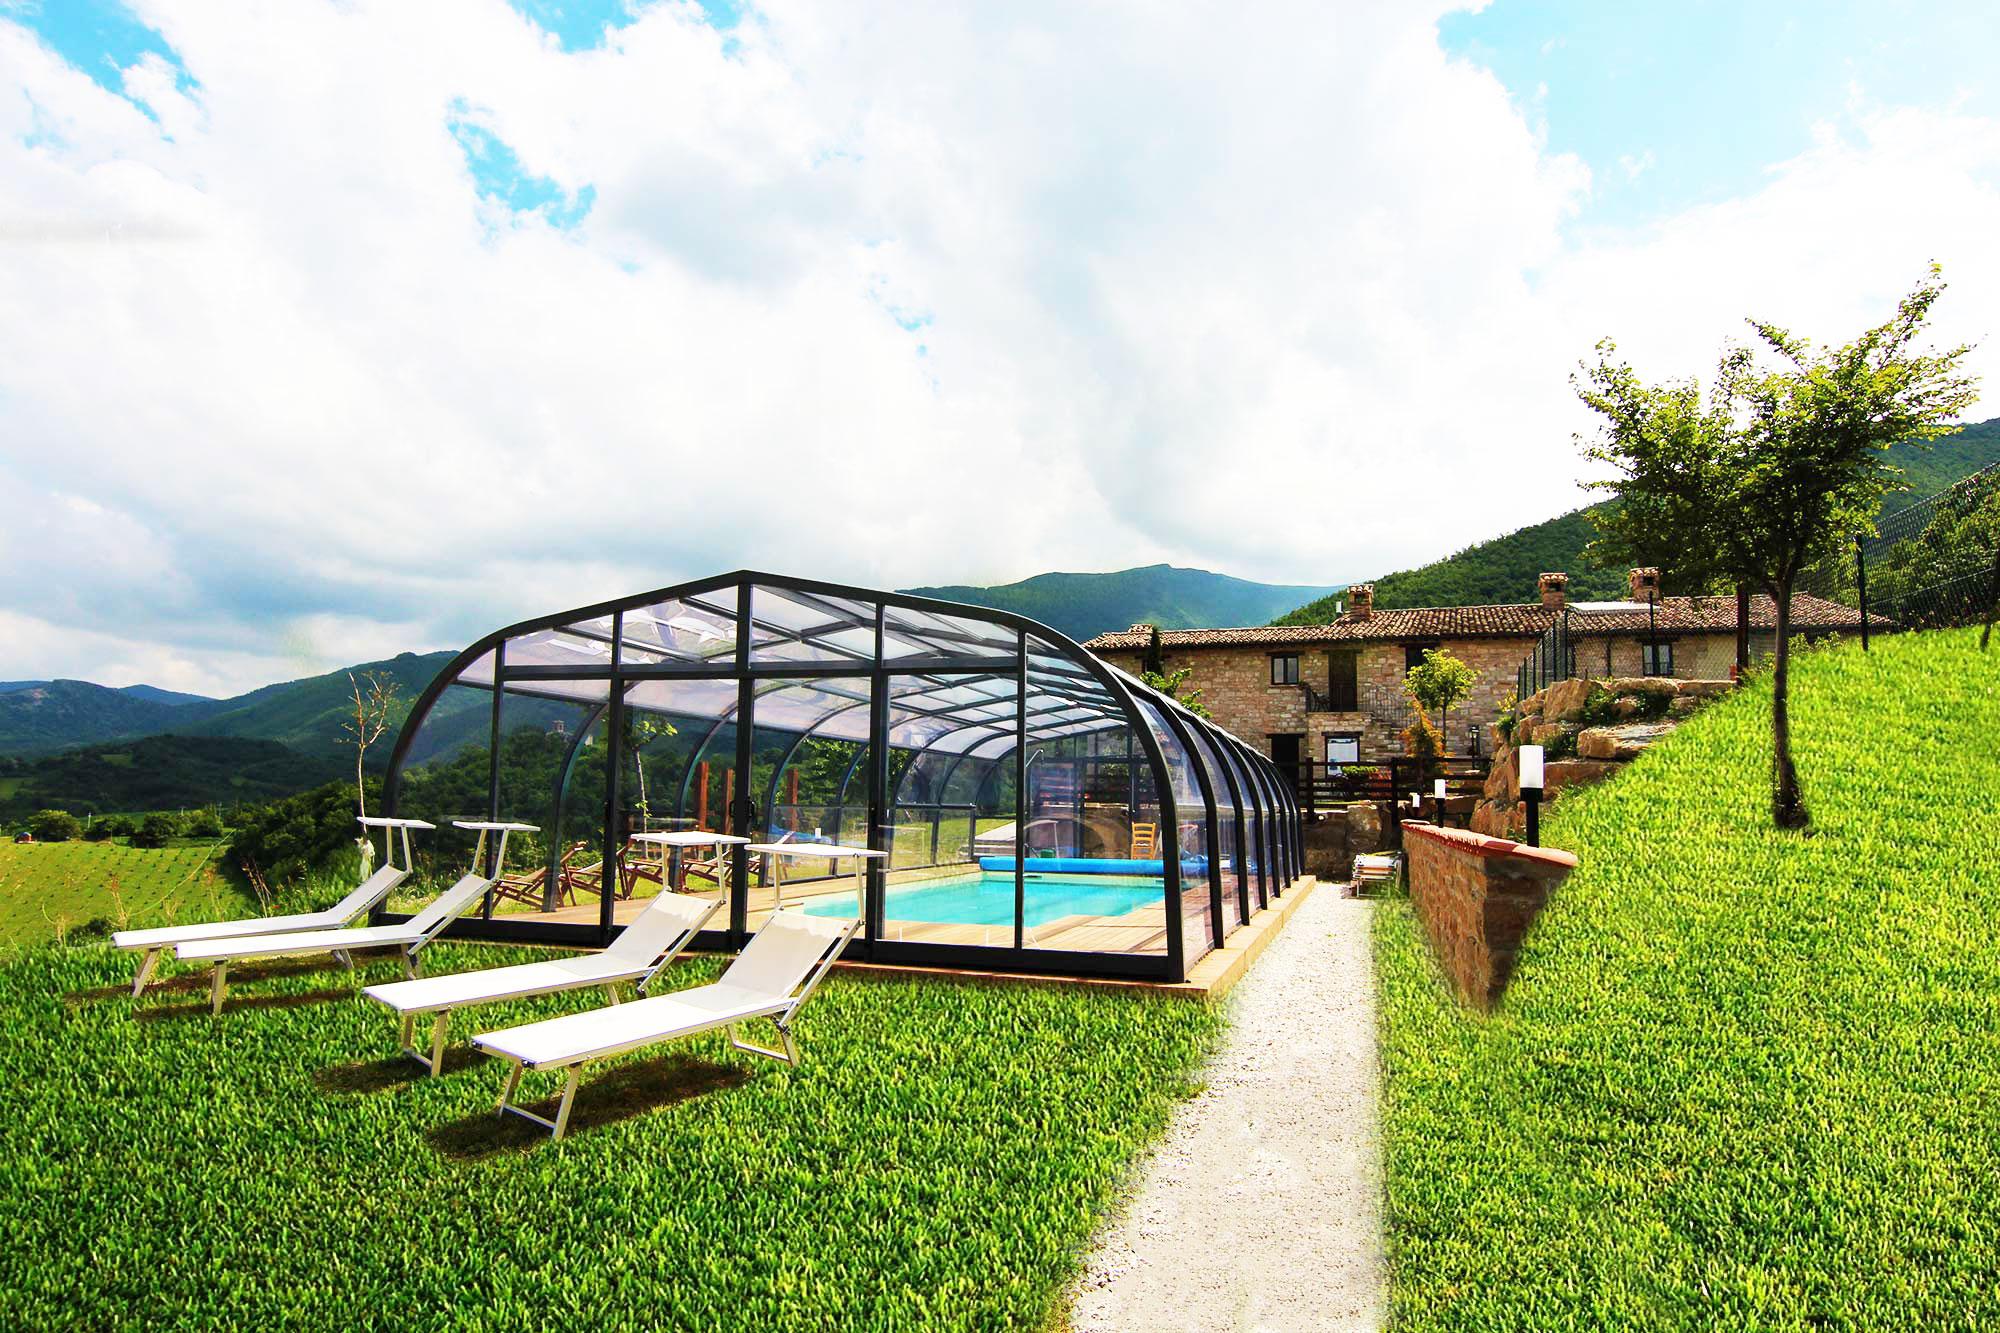 Agriturismo villa colticciola agriturismo marche villa - Agriturismo napoli con piscina ...